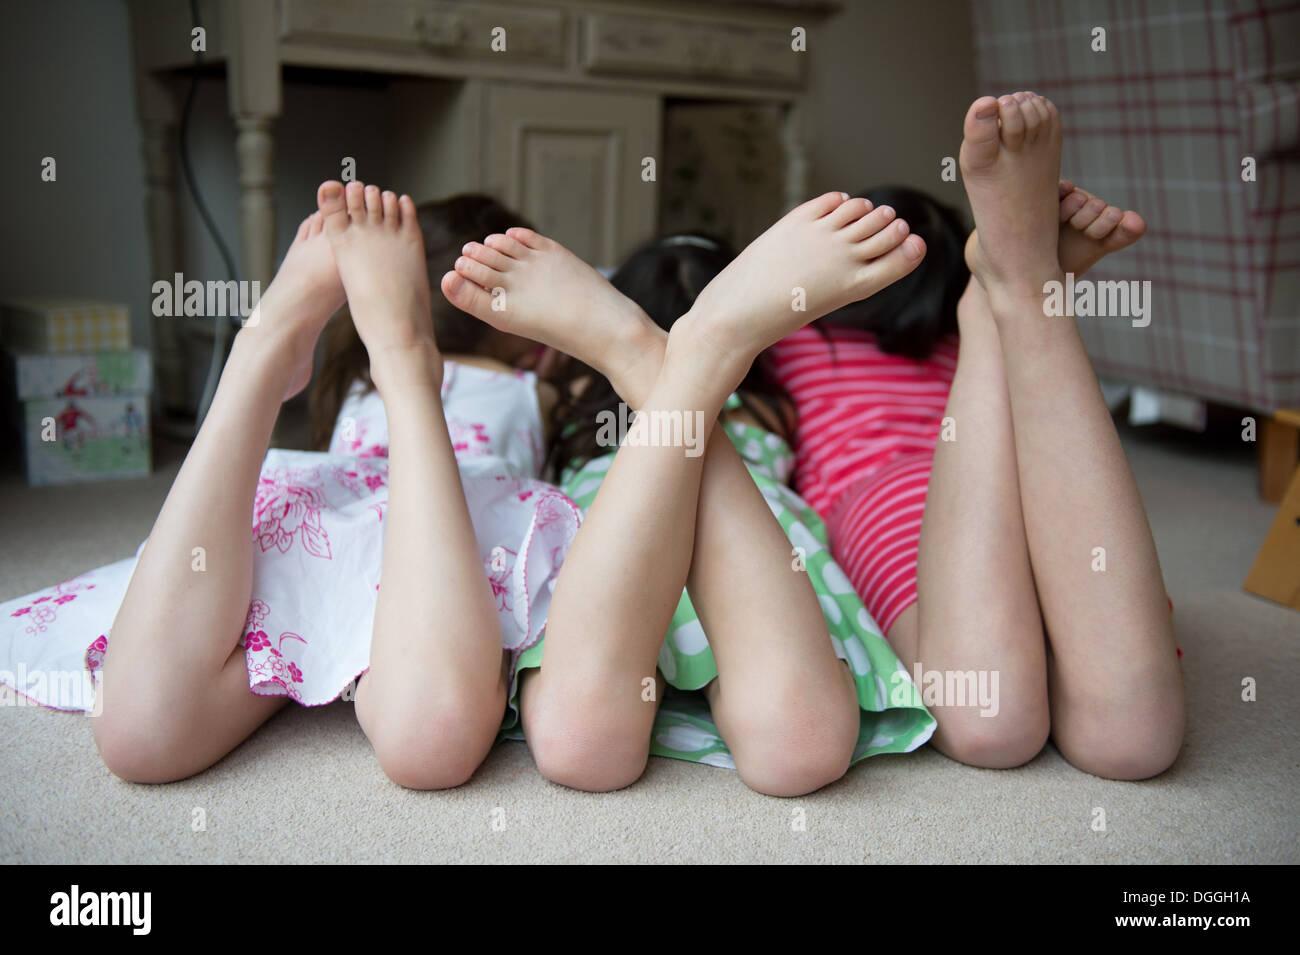 Las niñas acostado en el piso junto con los pies para arriba Imagen De Stock